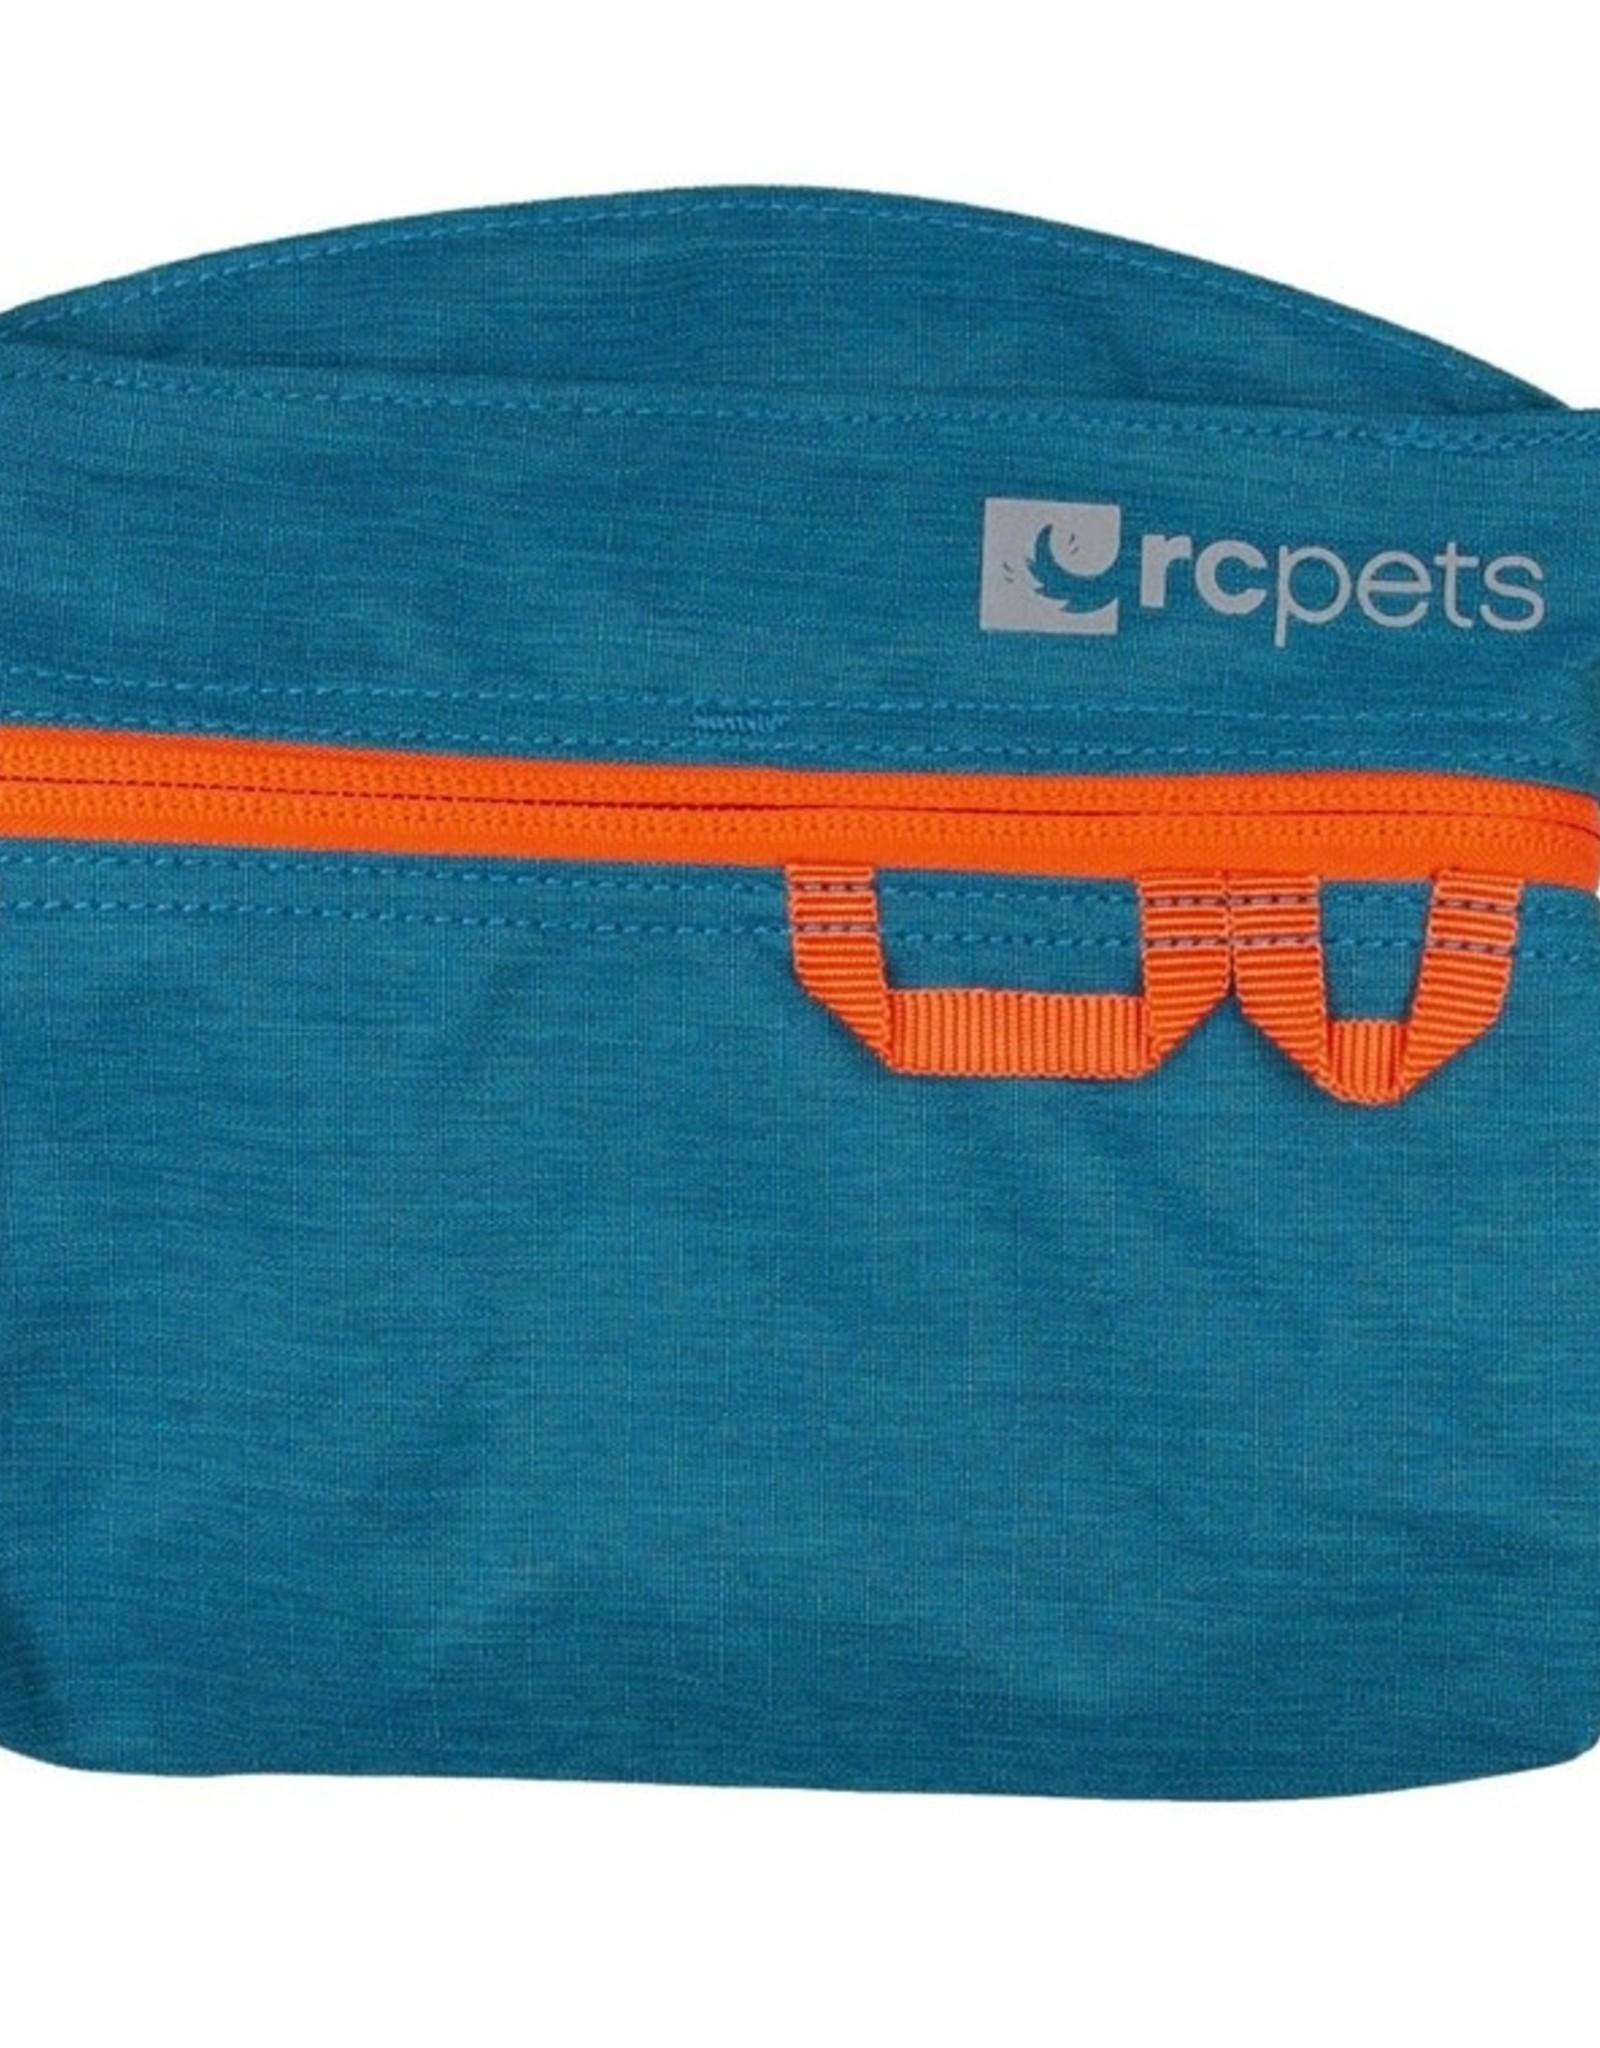 RC PETS RC PETS Quick Grab Treat Bag Teal